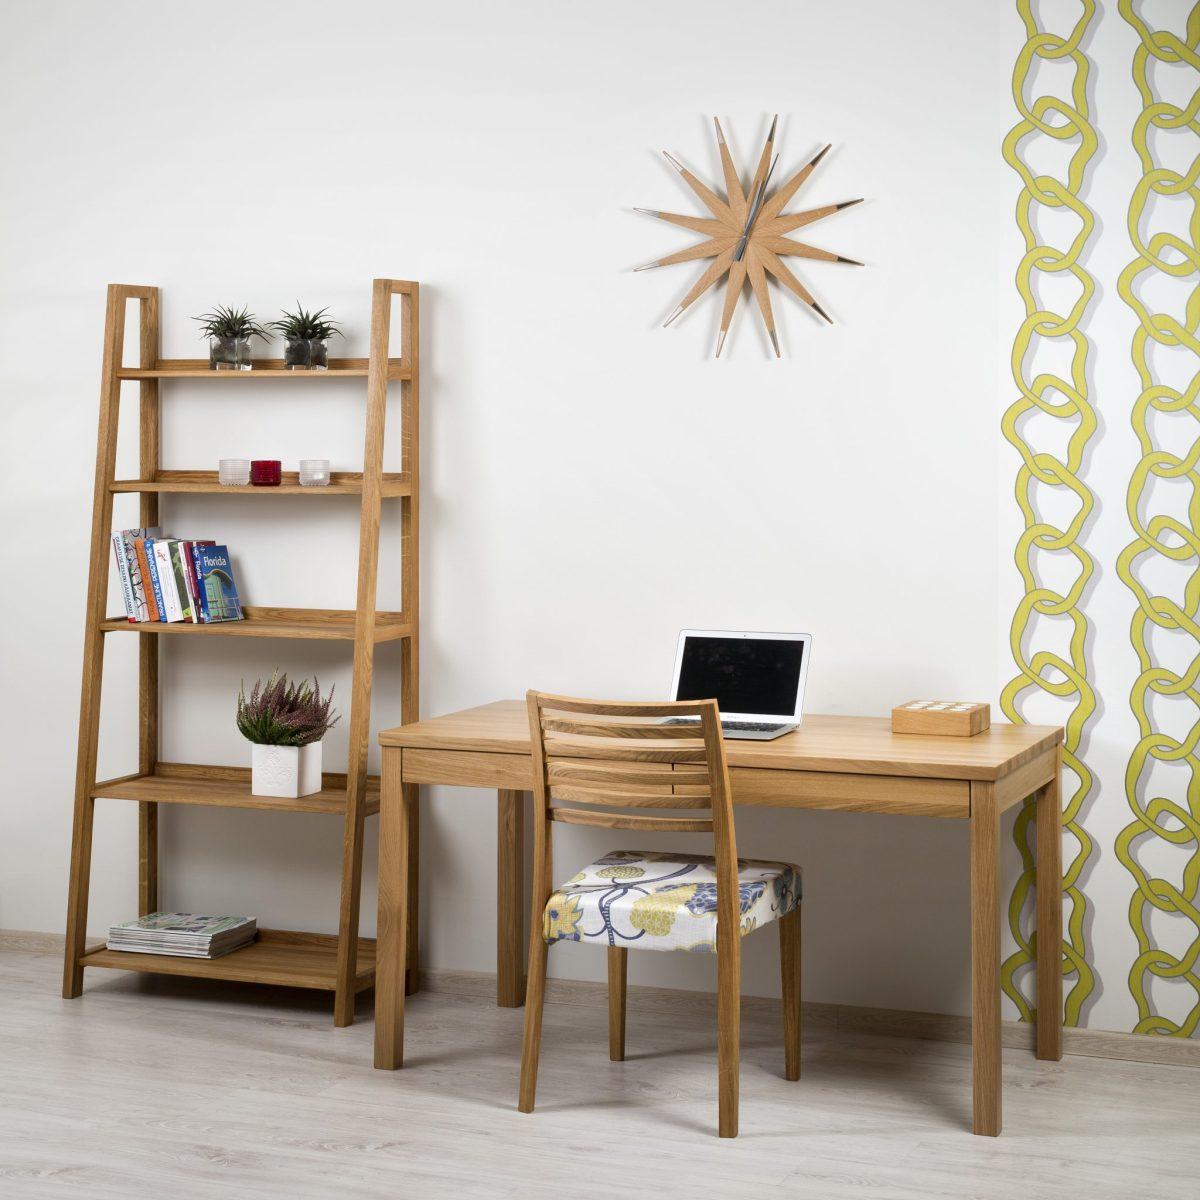 dining chairs, ruokapöydän tuolit, wooden dining table chairs, puiset ruokapöydän tuolit, dining table chairs in oak, ruokapöydän tuolit tammi, small desk, pieni kirjoituspöytä, wooden desk, puinen kirjoituspöytä, narrow desk, kapea kirjoituspöytä, oak desk, tammi kirjoituspöytä, showcase bookshelf, vitriini kirjahylly, wooden bookshelf, puinen kirjahylly, bookshelf display case, kirjahylly vitriini, bookshelf oak, kirjahylly tammi,